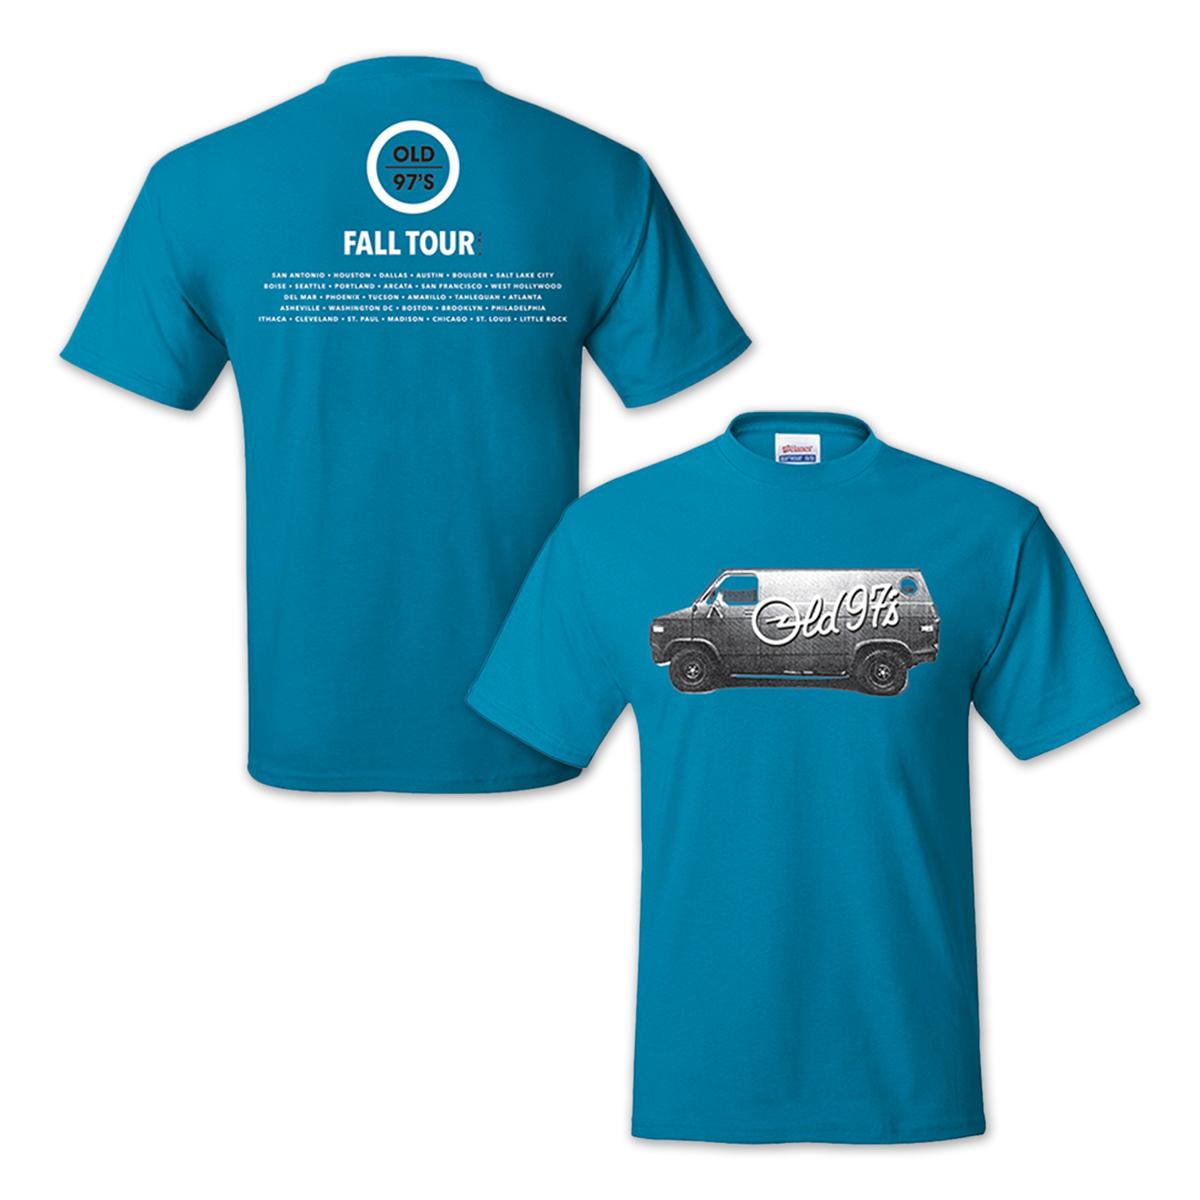 Old 97s 2015 Fall Tour Men's T-Shirt Teal